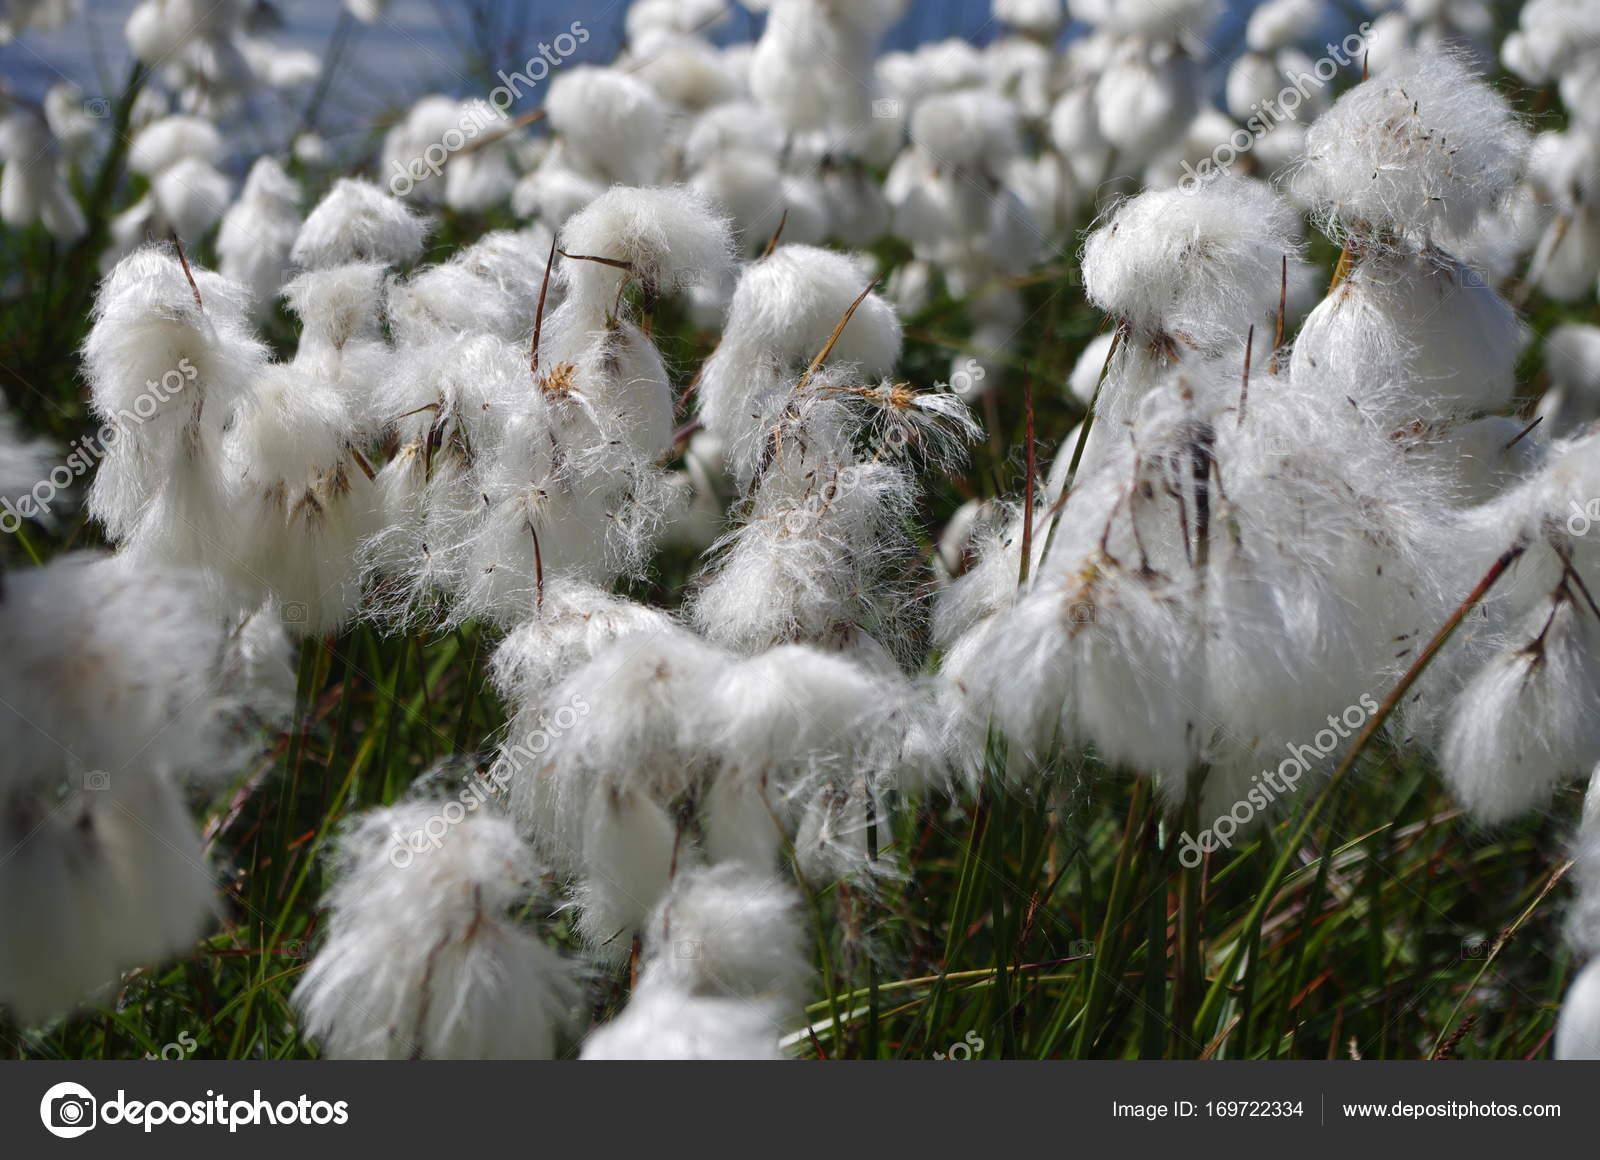 White mountain flowers stock photo ccileducrotorange 169722334 white mountain flowers stock photo mightylinksfo